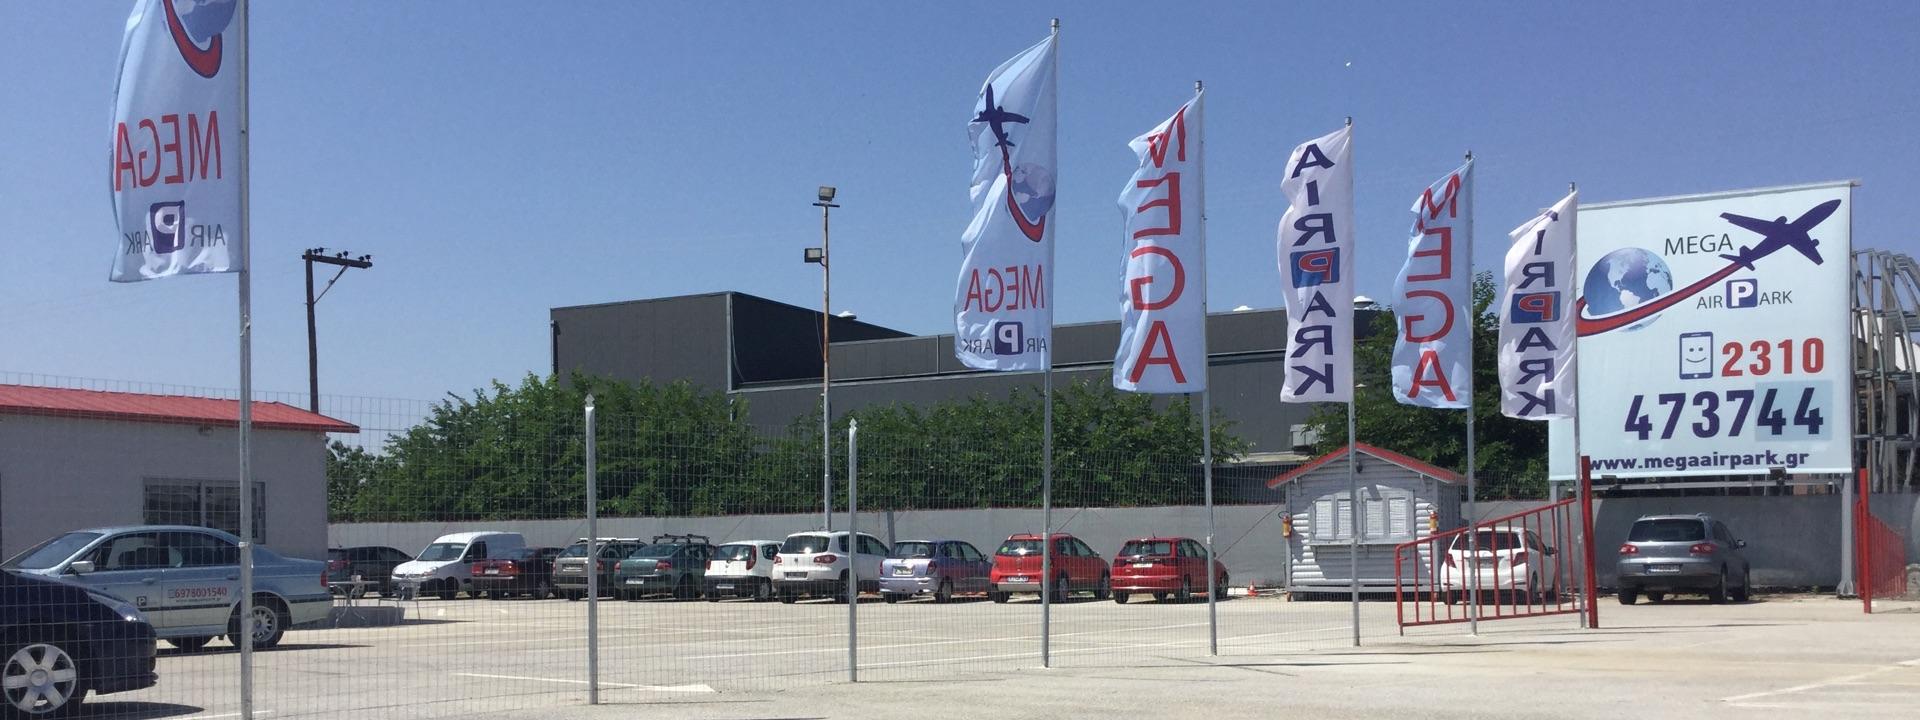 Καλώς ήρθατε στο Mega Air Park!